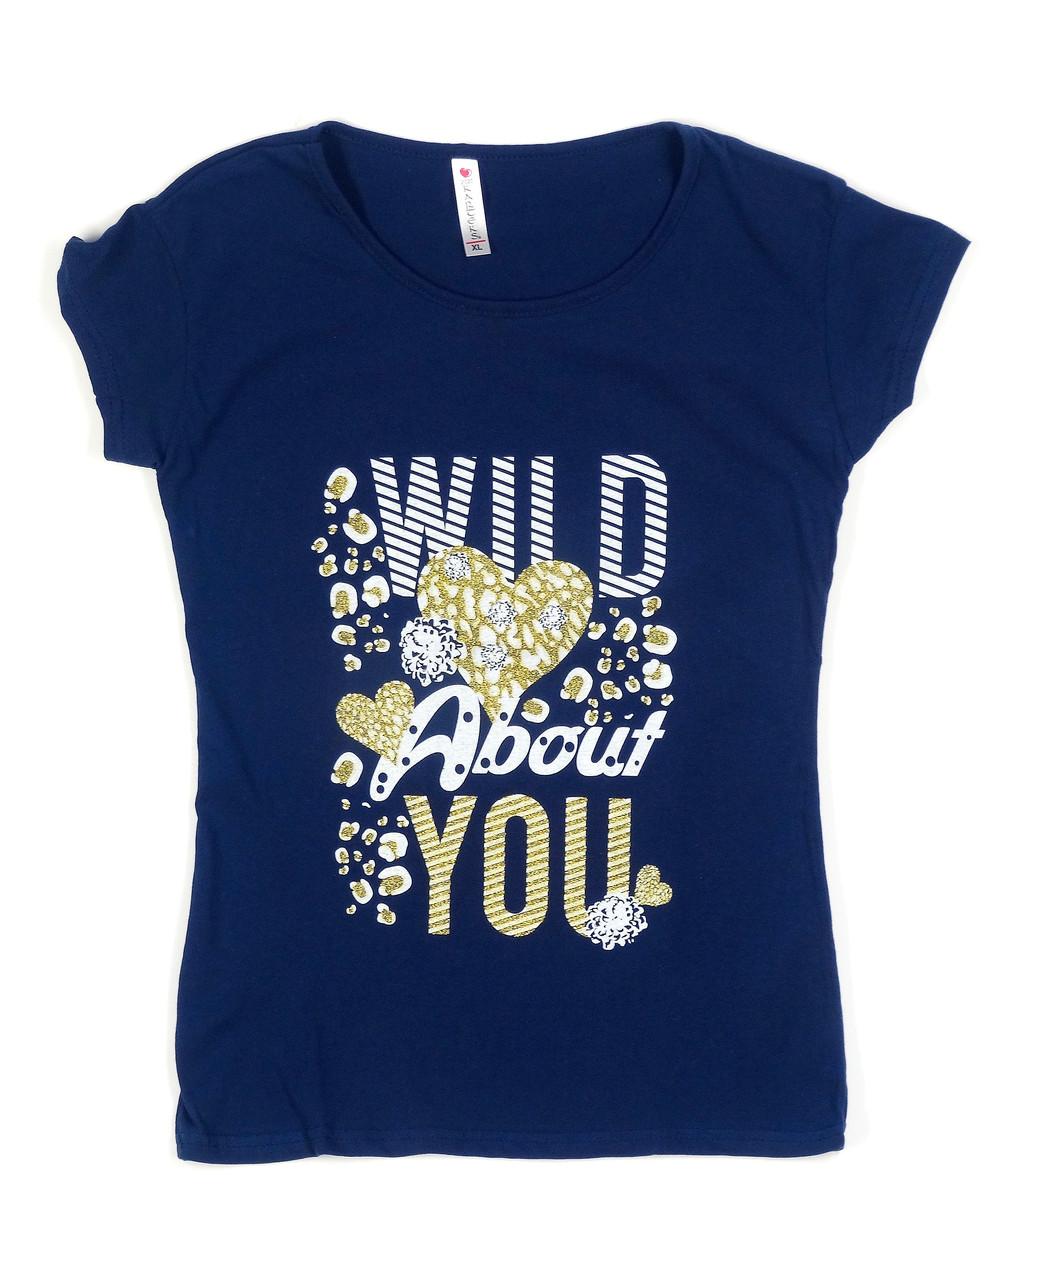 Модная женская футболка с крупной надписью (48)